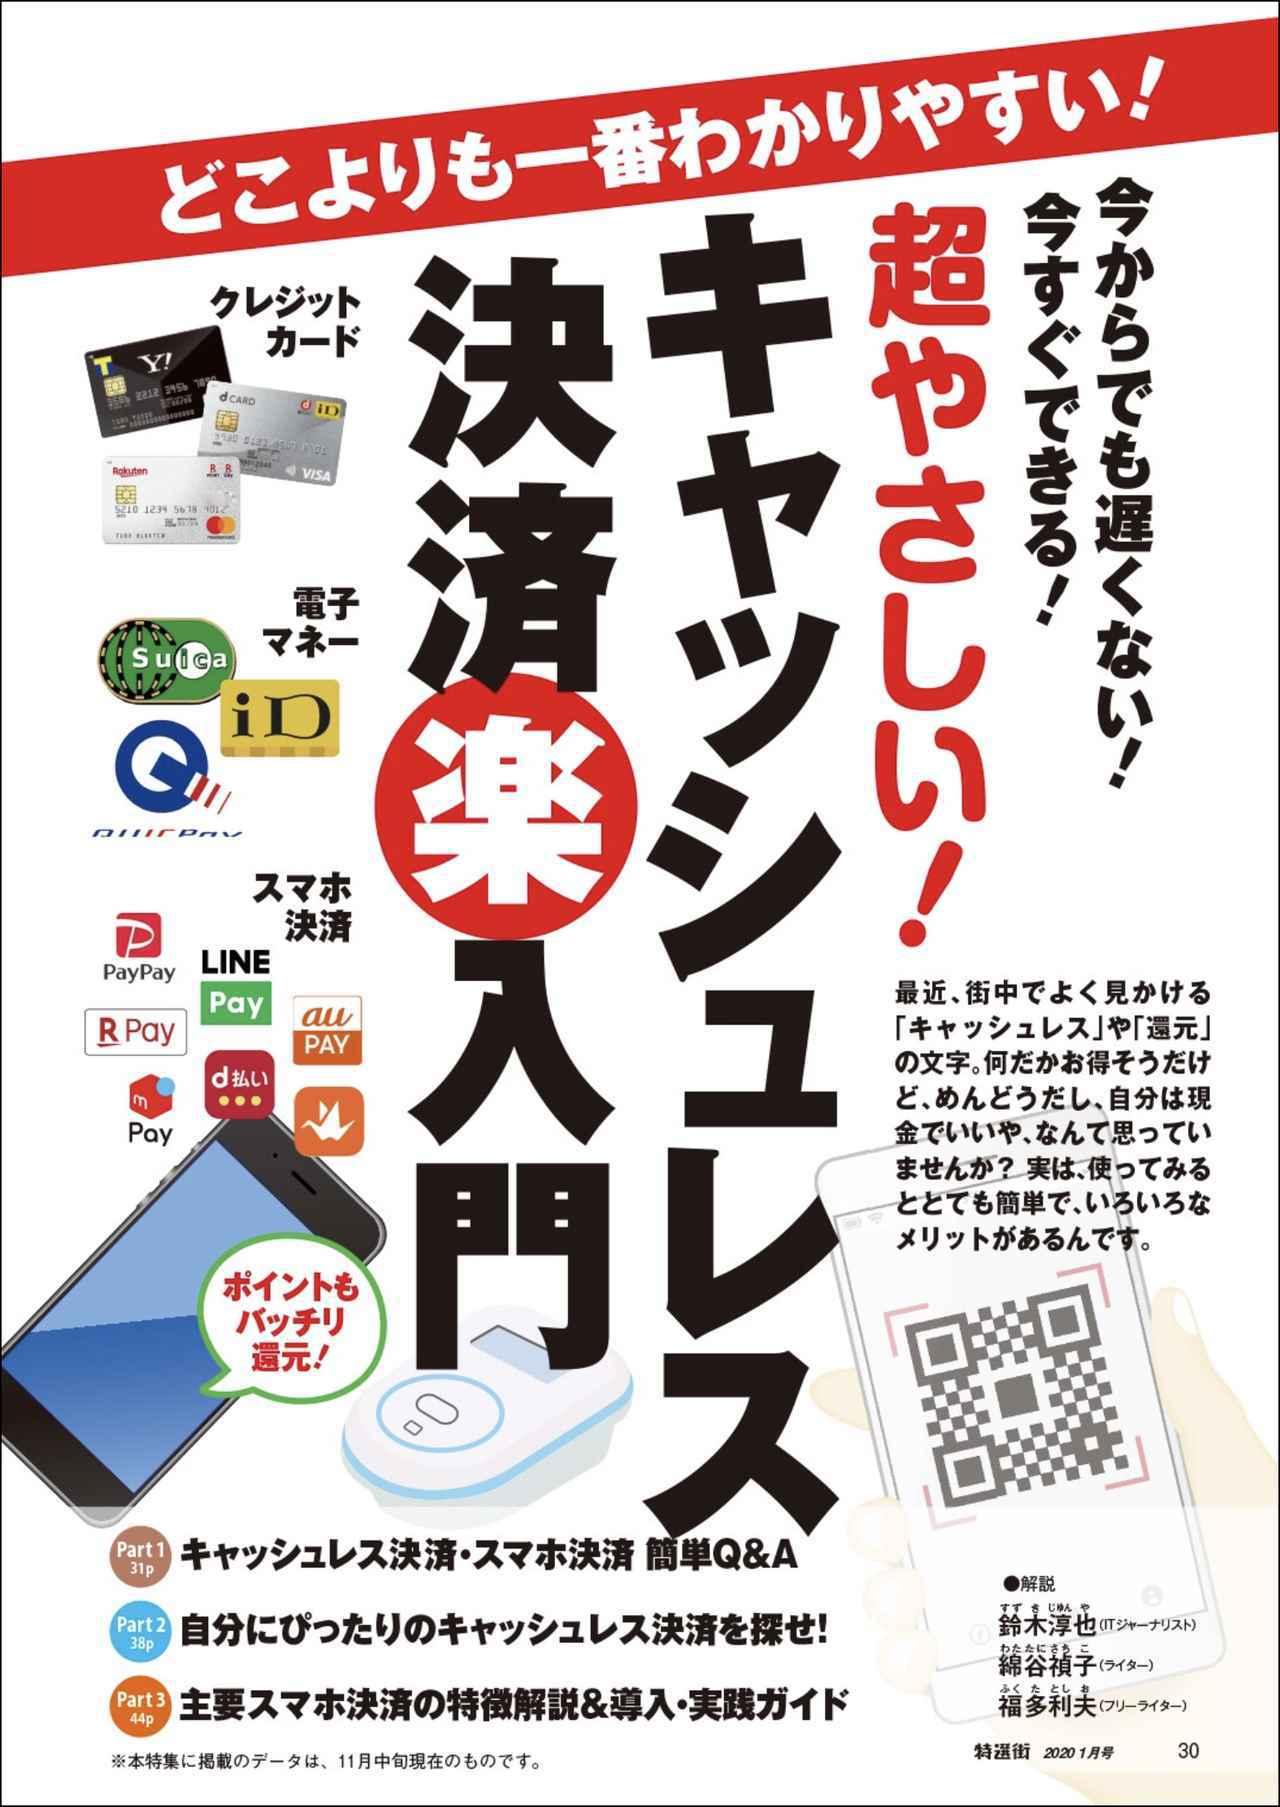 画像3: 『特選街』1月号が本日発売! スマートフォンの選び方&使い方を大特集!